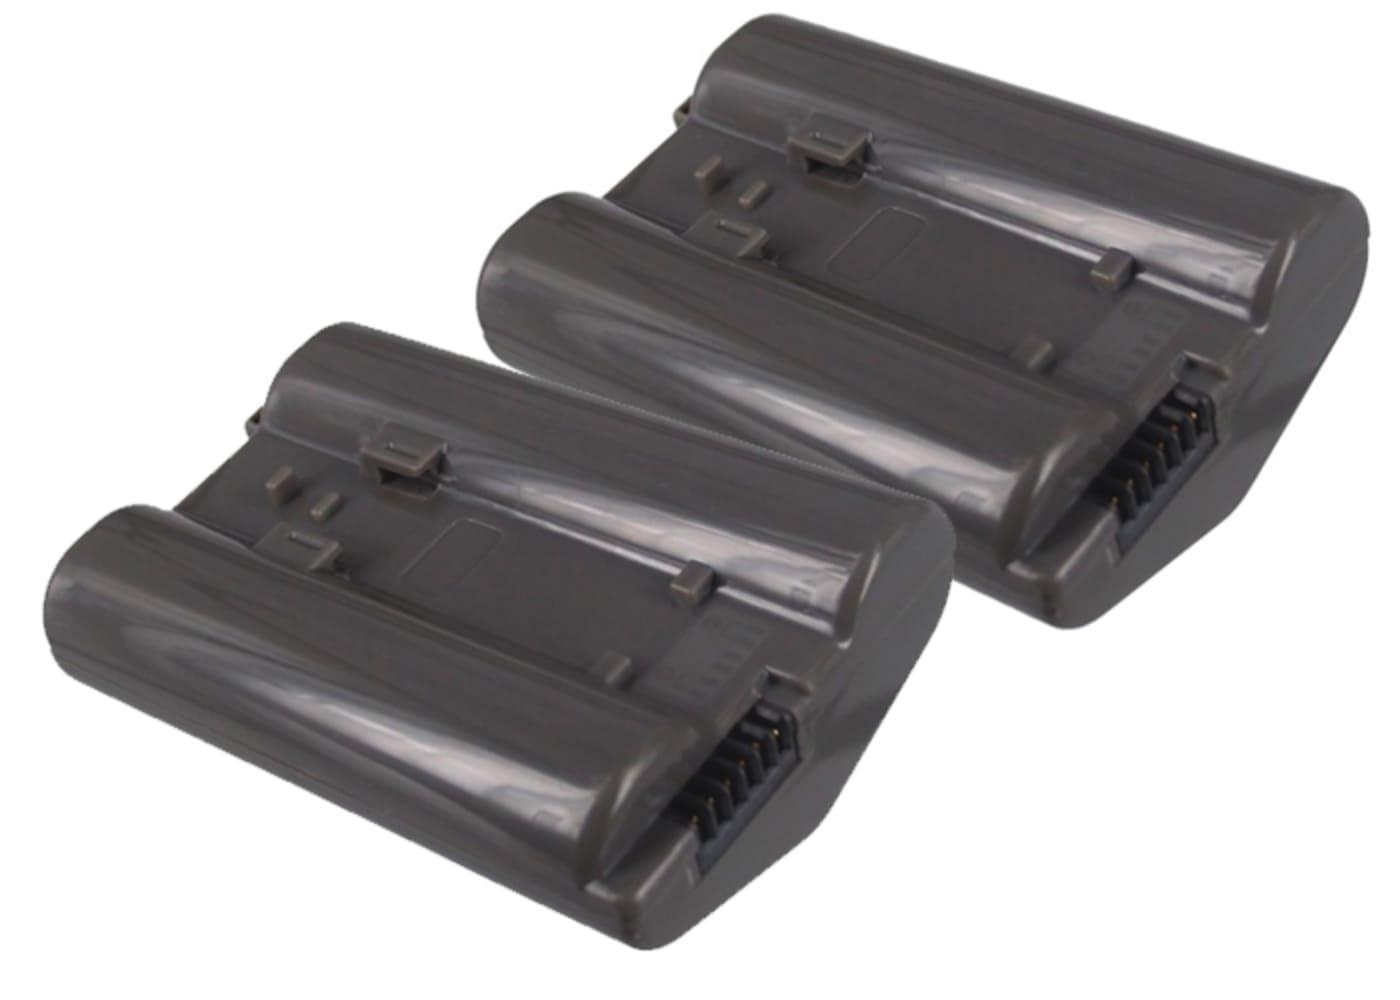 2x Batterie pour appareil photo Nikon D5 D4 D4s D6 MB-D17 - EN-EL18 EN-EL18a ENEL18a 2600mAh Batterie Remplacement